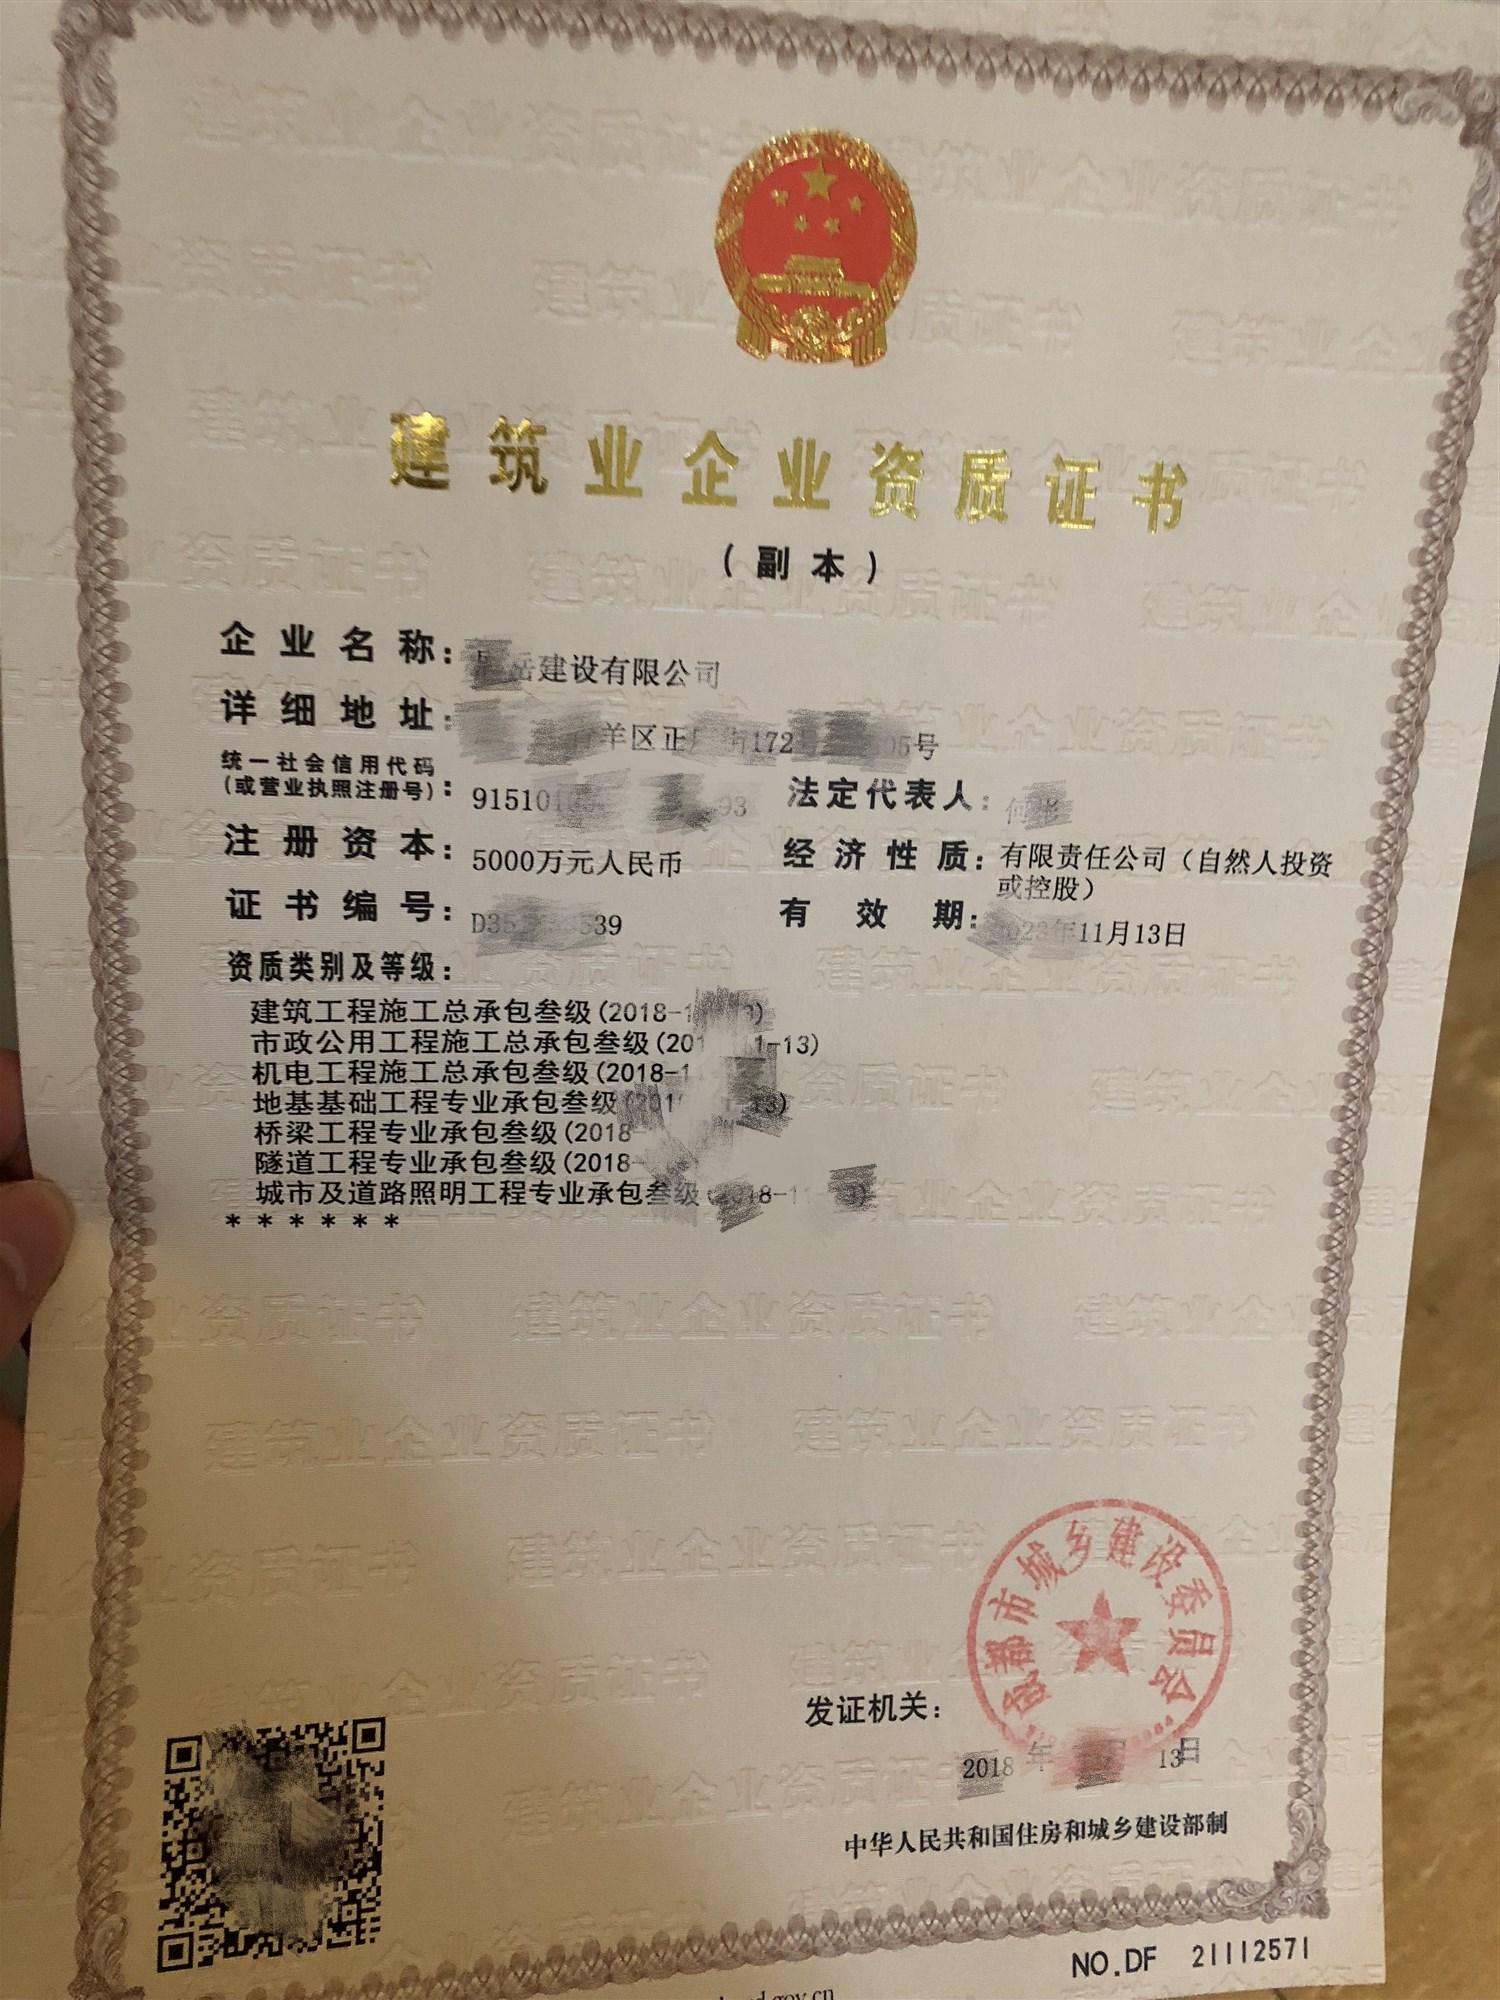 江苏常州建筑劳务分包资质代办公司建筑公司管理